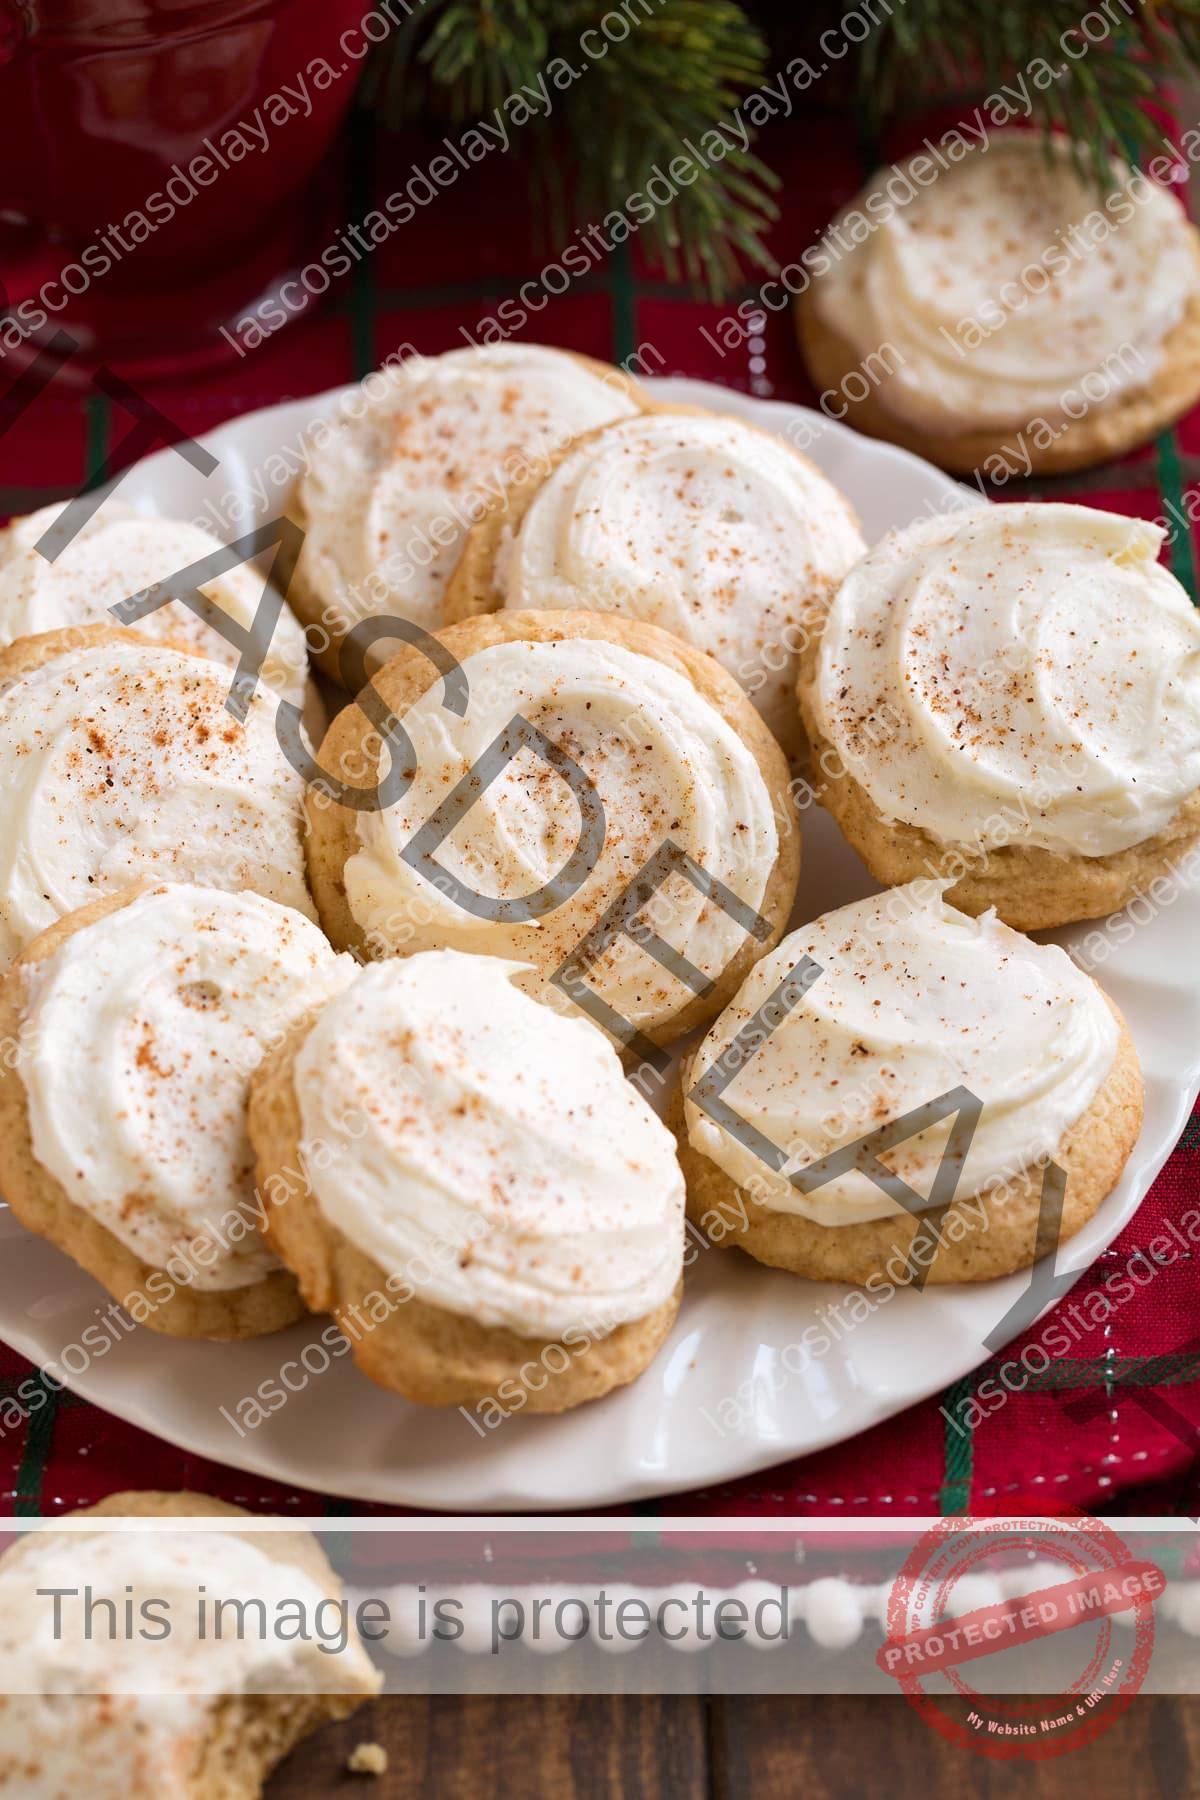 Imagen de un plato lleno de galletas de ponche de huevo congeladas.